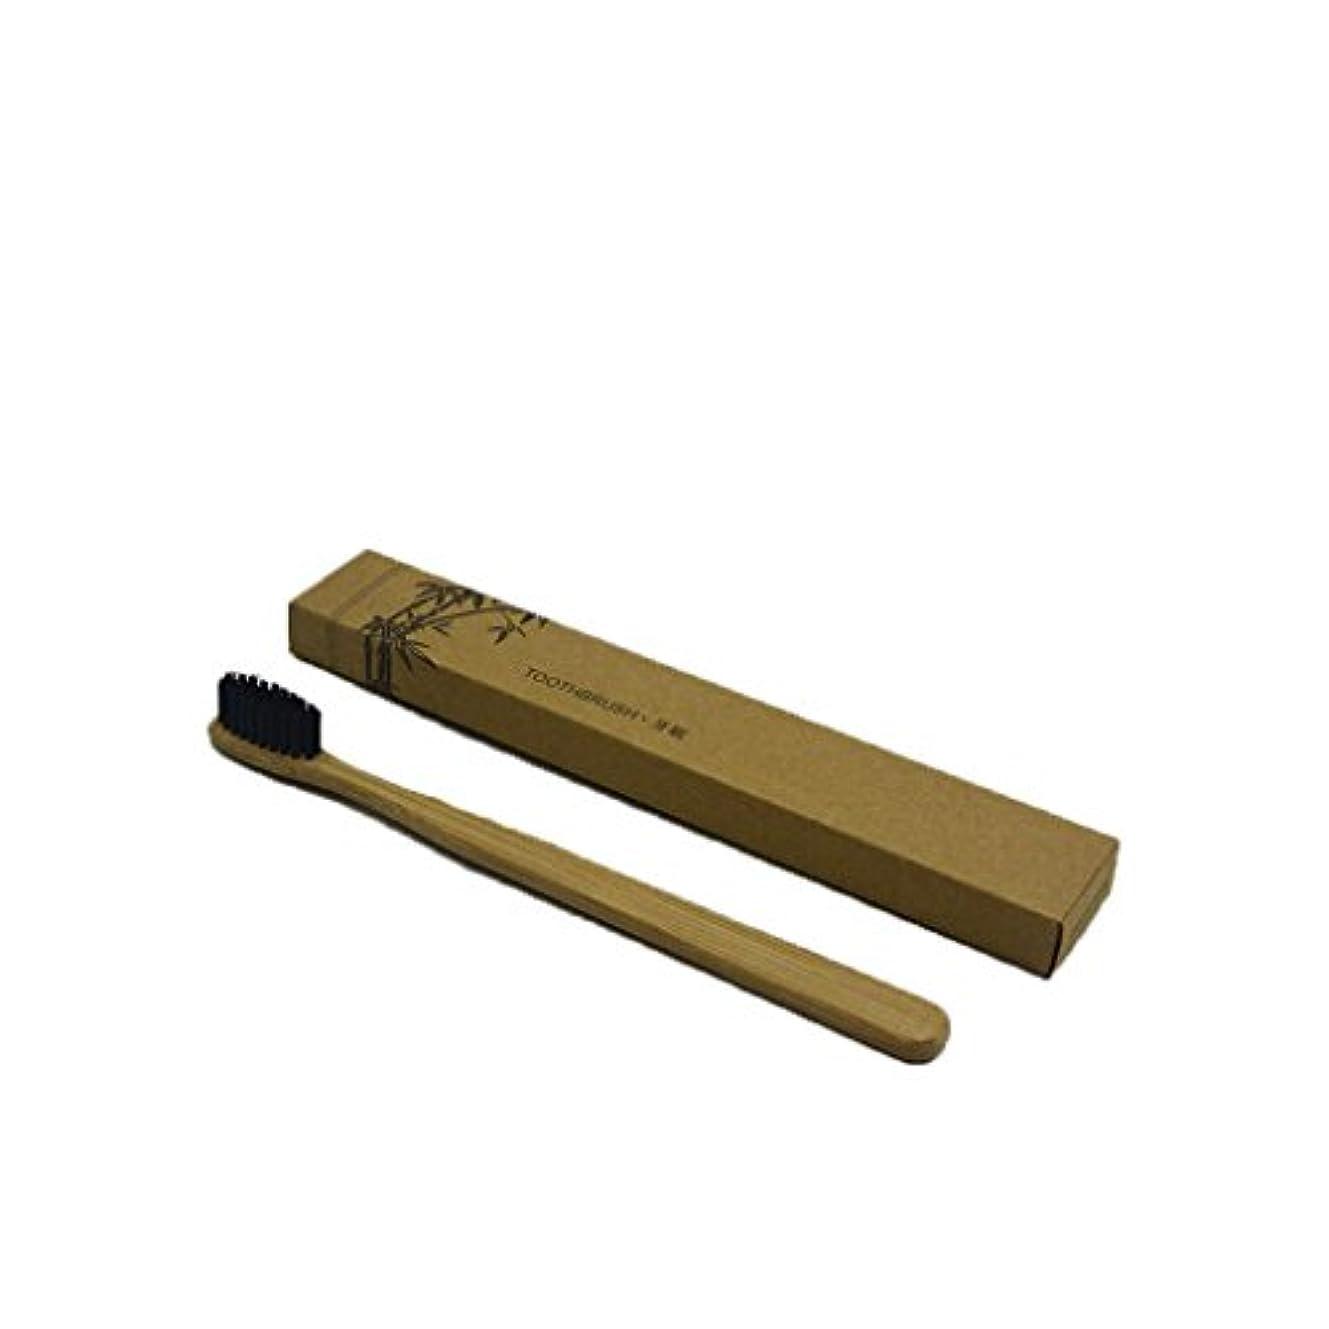 静かにハイキングに行くベッドArichops 竹製歯ブラシ ミディアム及びソフト、生分解性、ビーガン、バイオ、エコ、持続可能な木製ハンドル、ホワイトニング 歯 竹歯ブラシ 【品質保証】